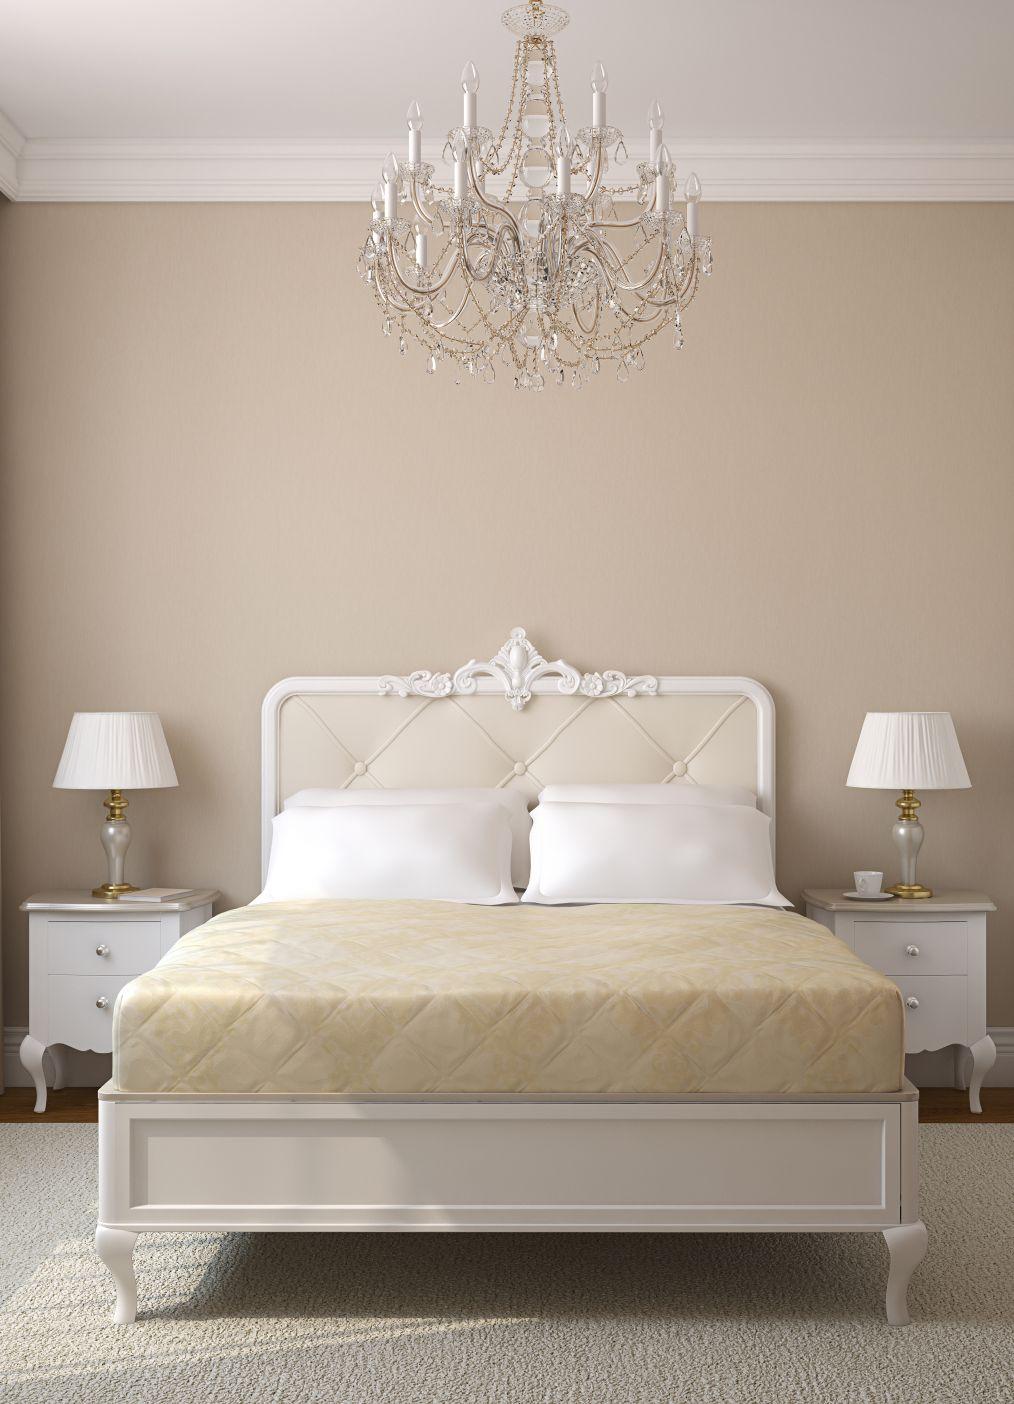 dormitor stil clasic